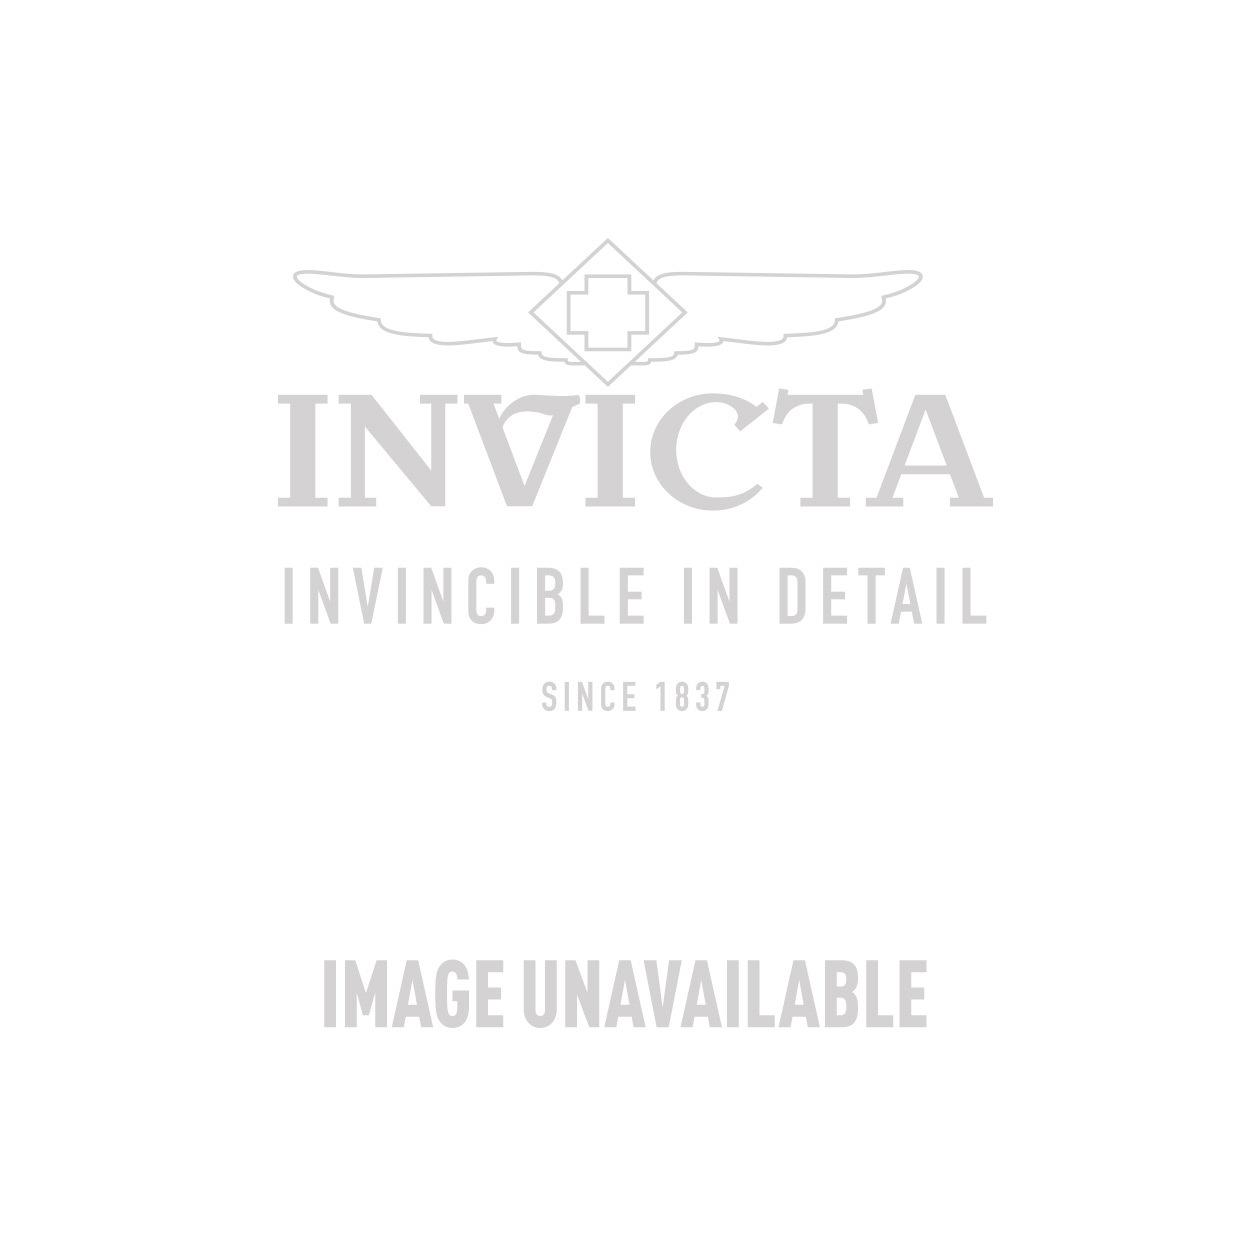 Invicta Model  25417